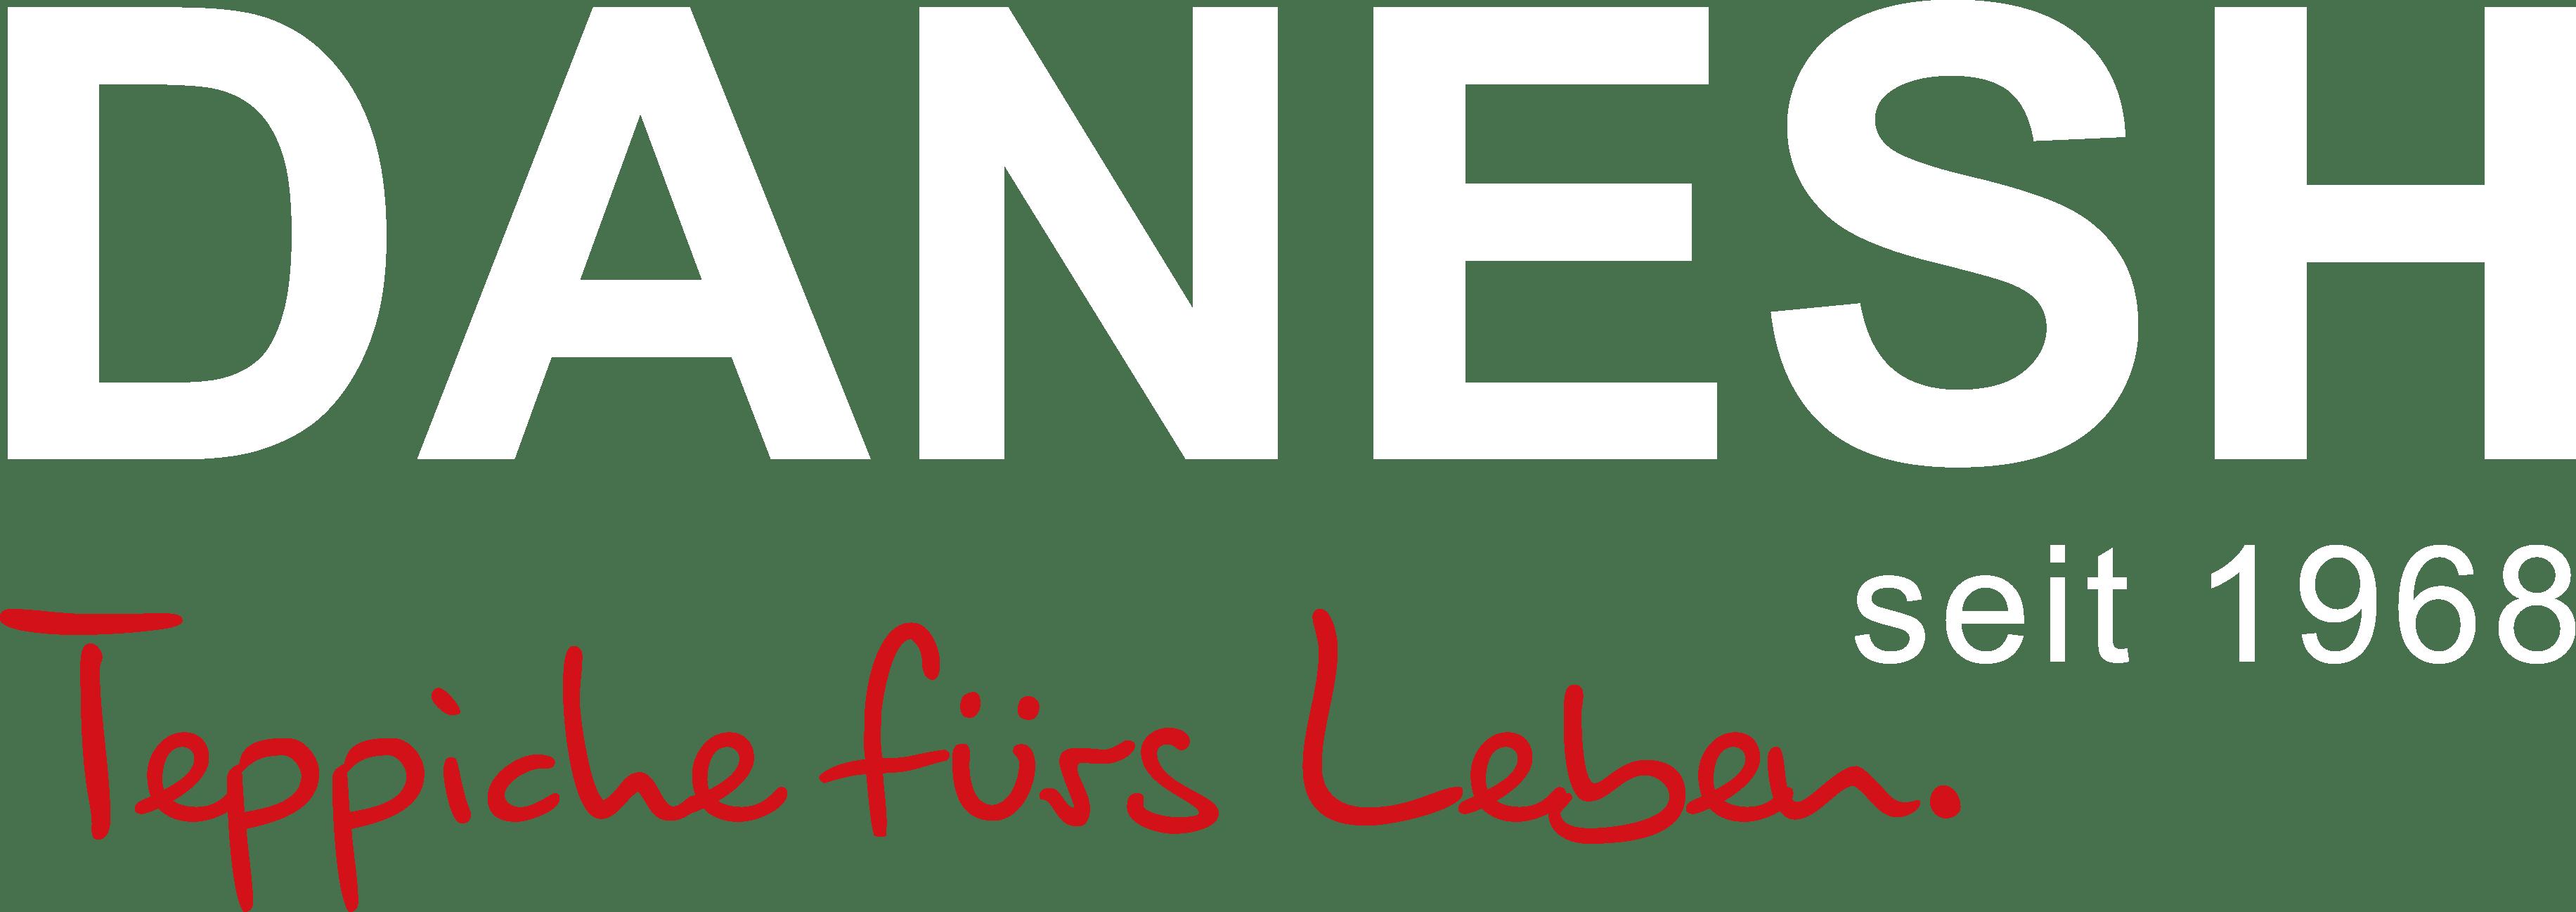 DANESH Teppiche Handels-GmbH